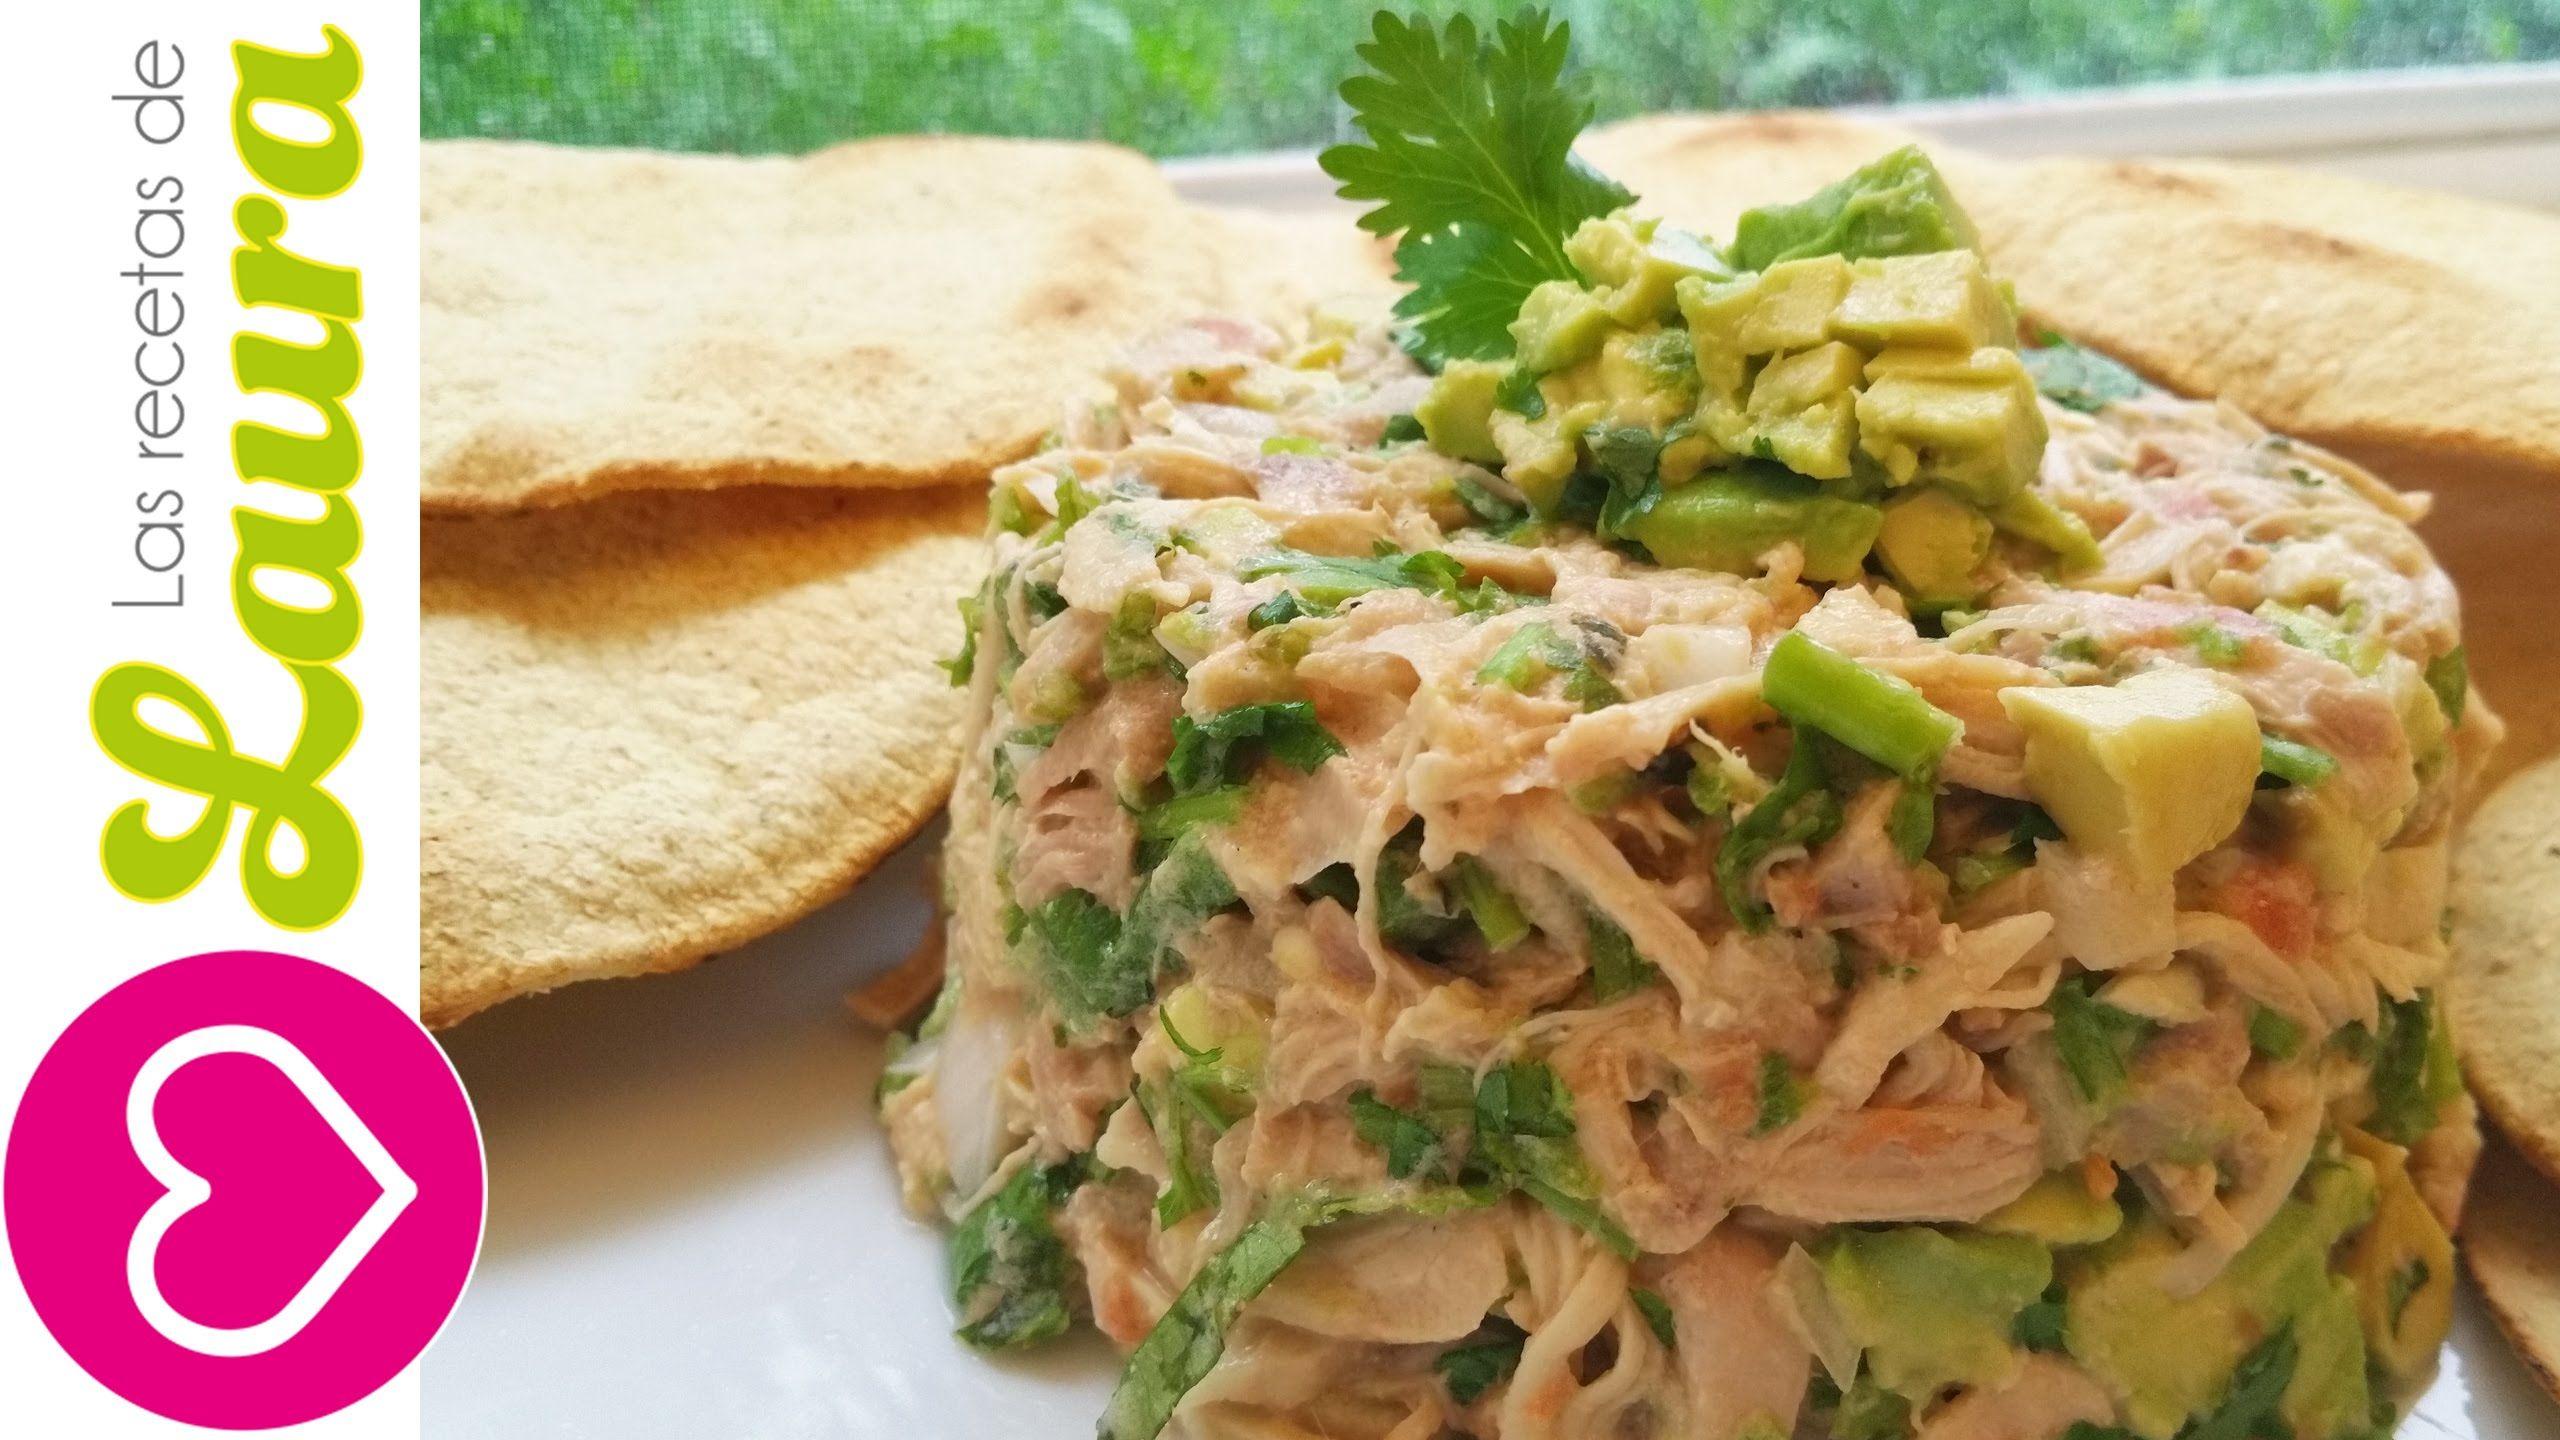 Ensalada de pollo al cilantro comida saludable recetas for Comidas faciles de cocinar